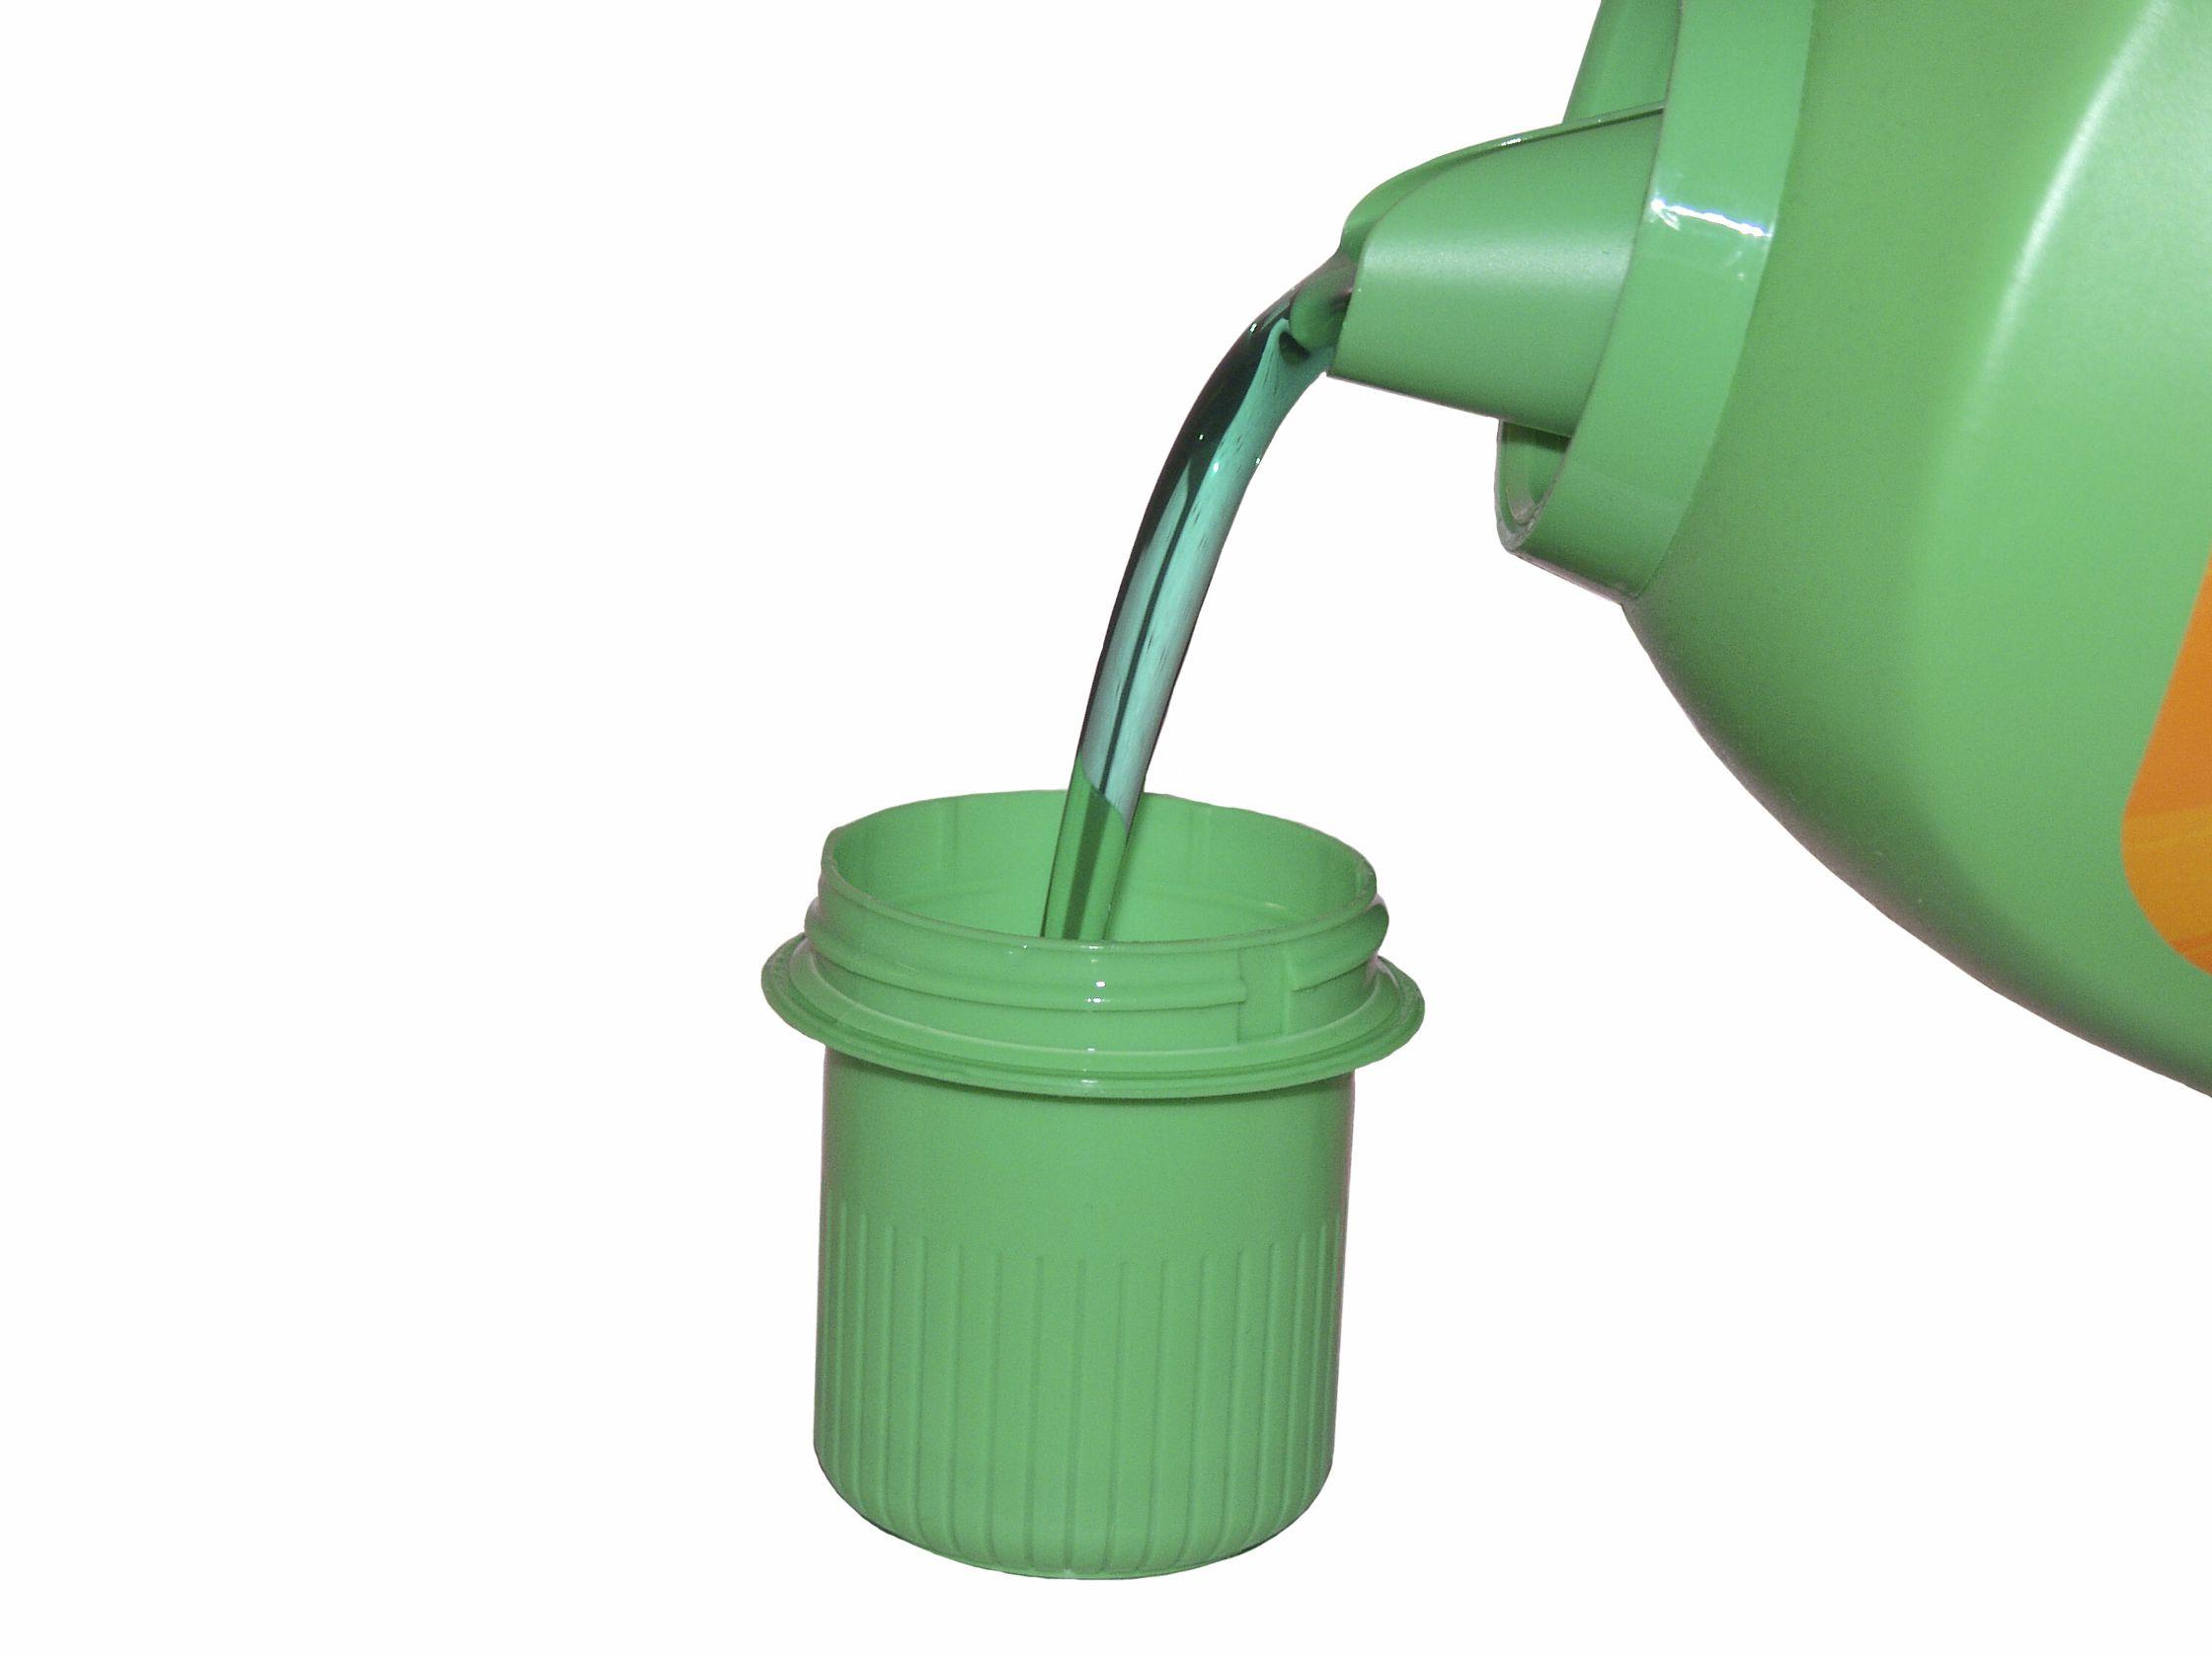 Liquid detergent cap